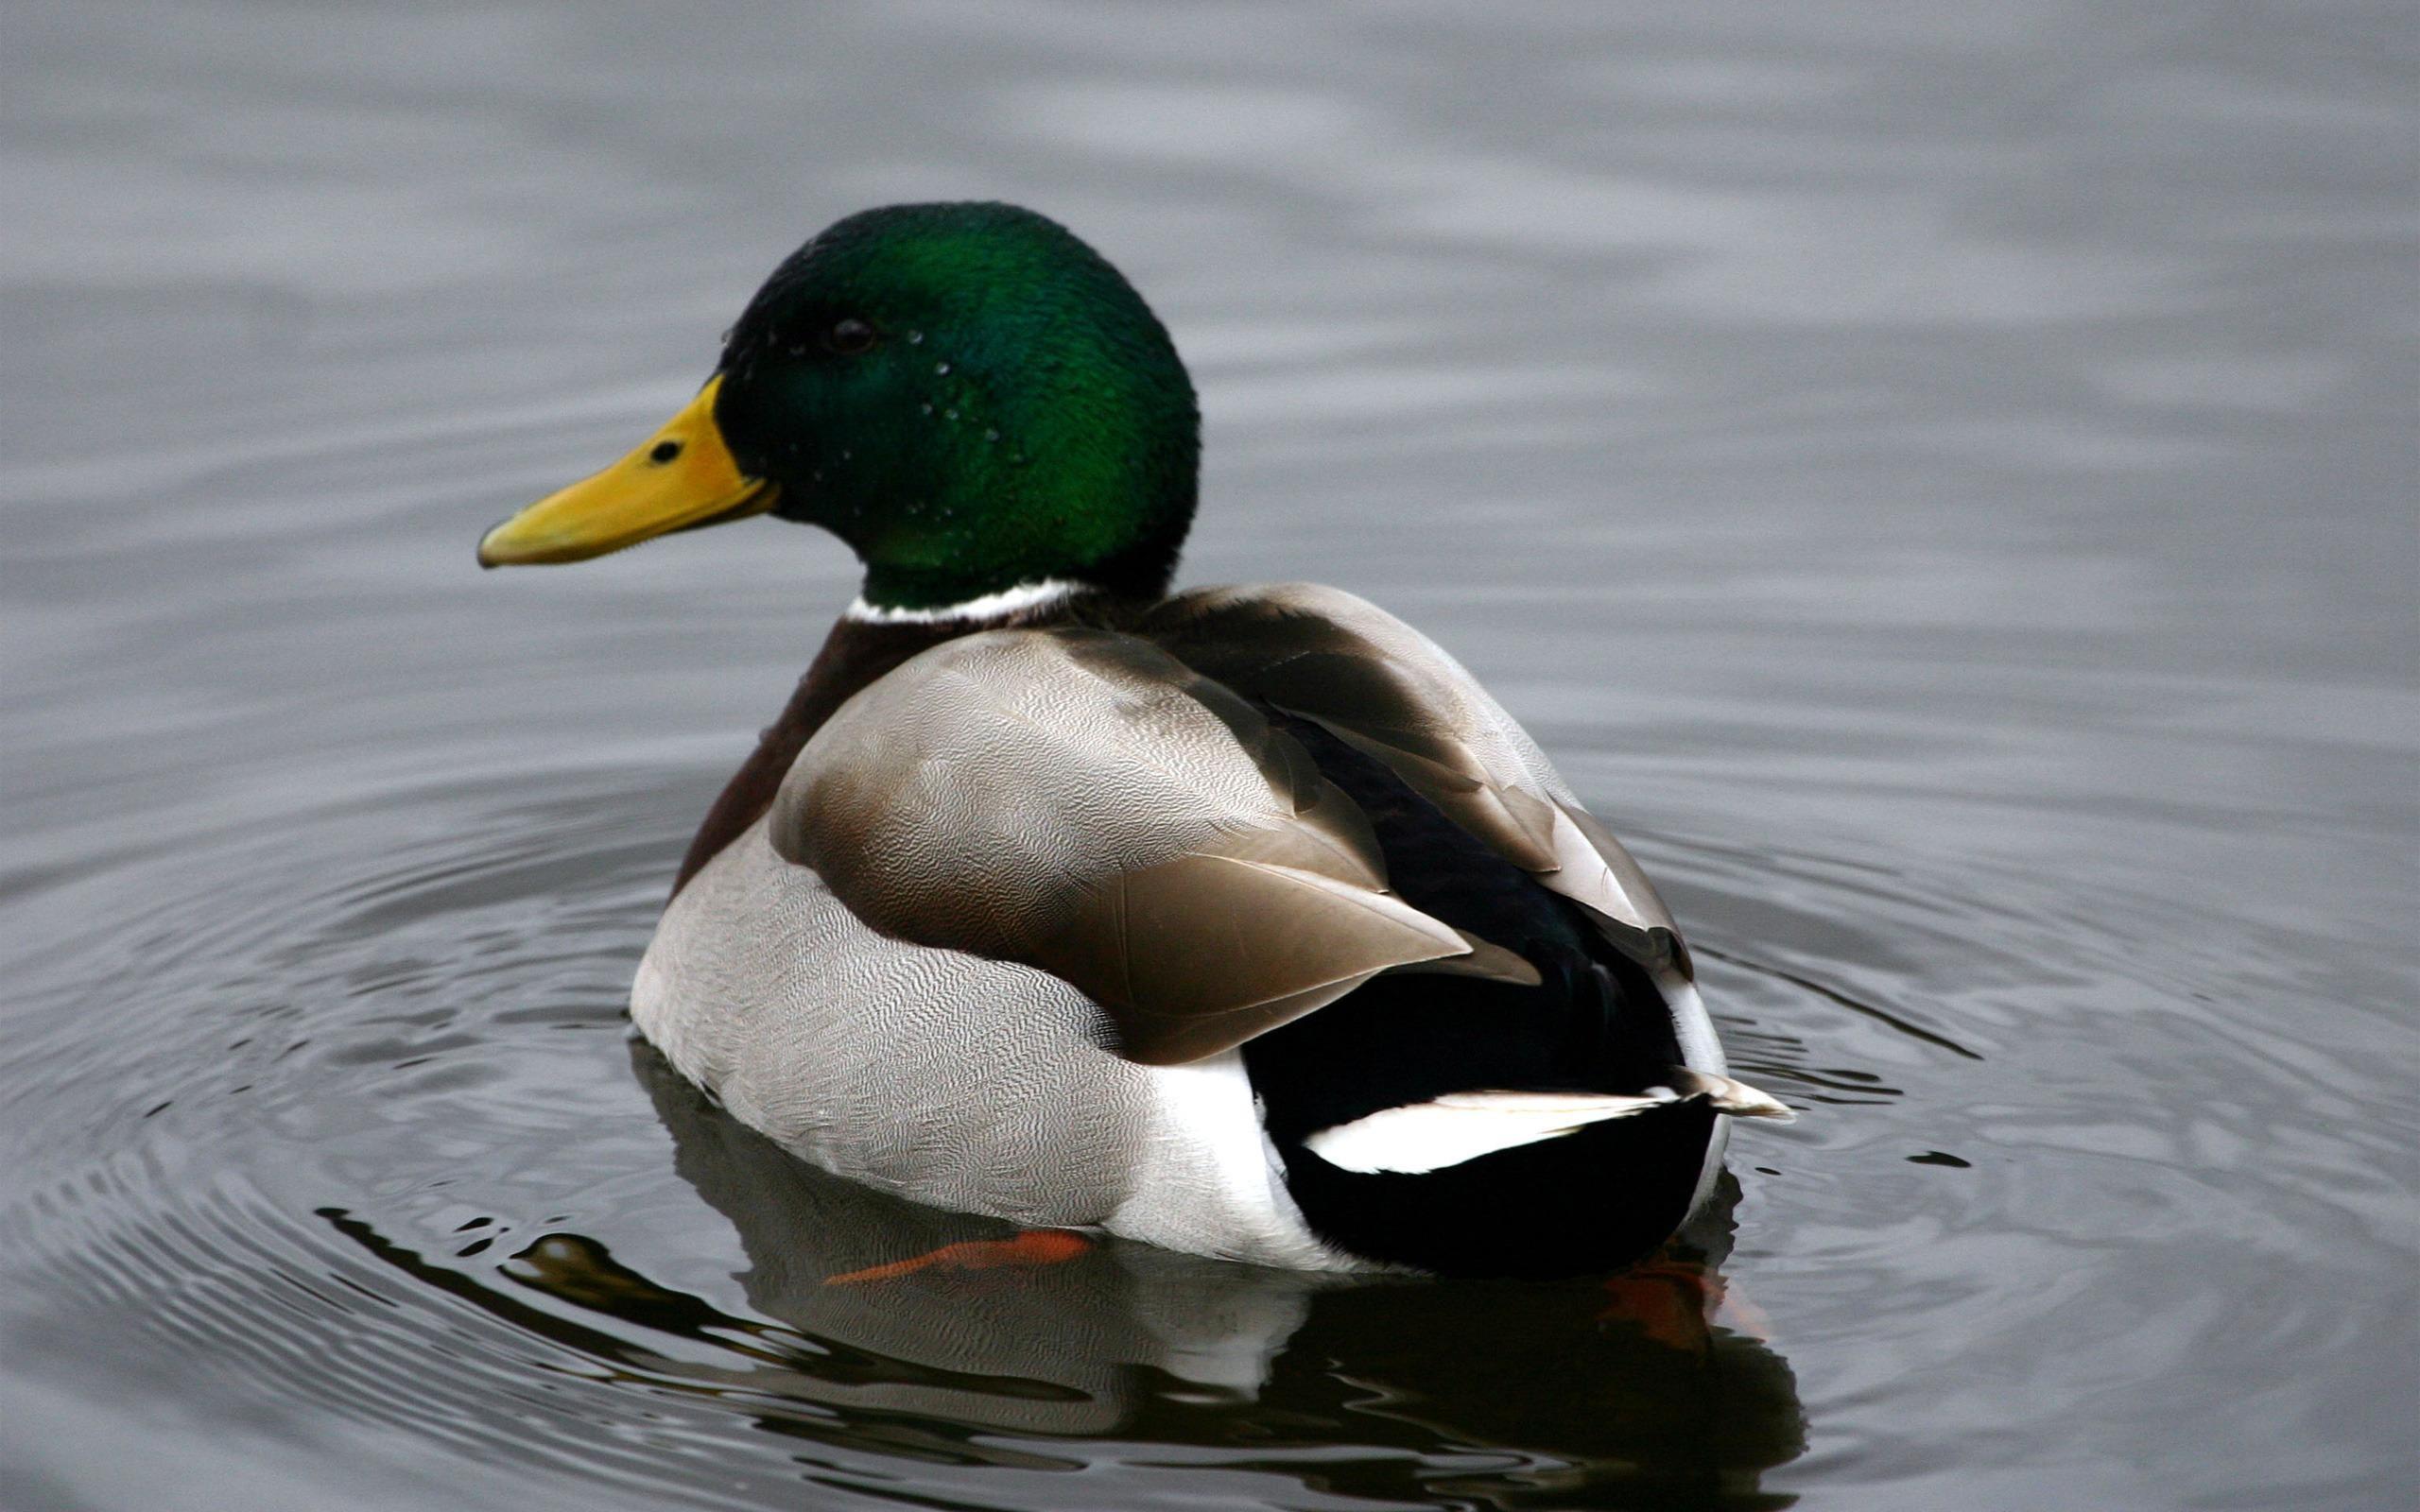 Mallard Duck Wallpaper | Mallard Duck Images | Cool Wallpapers